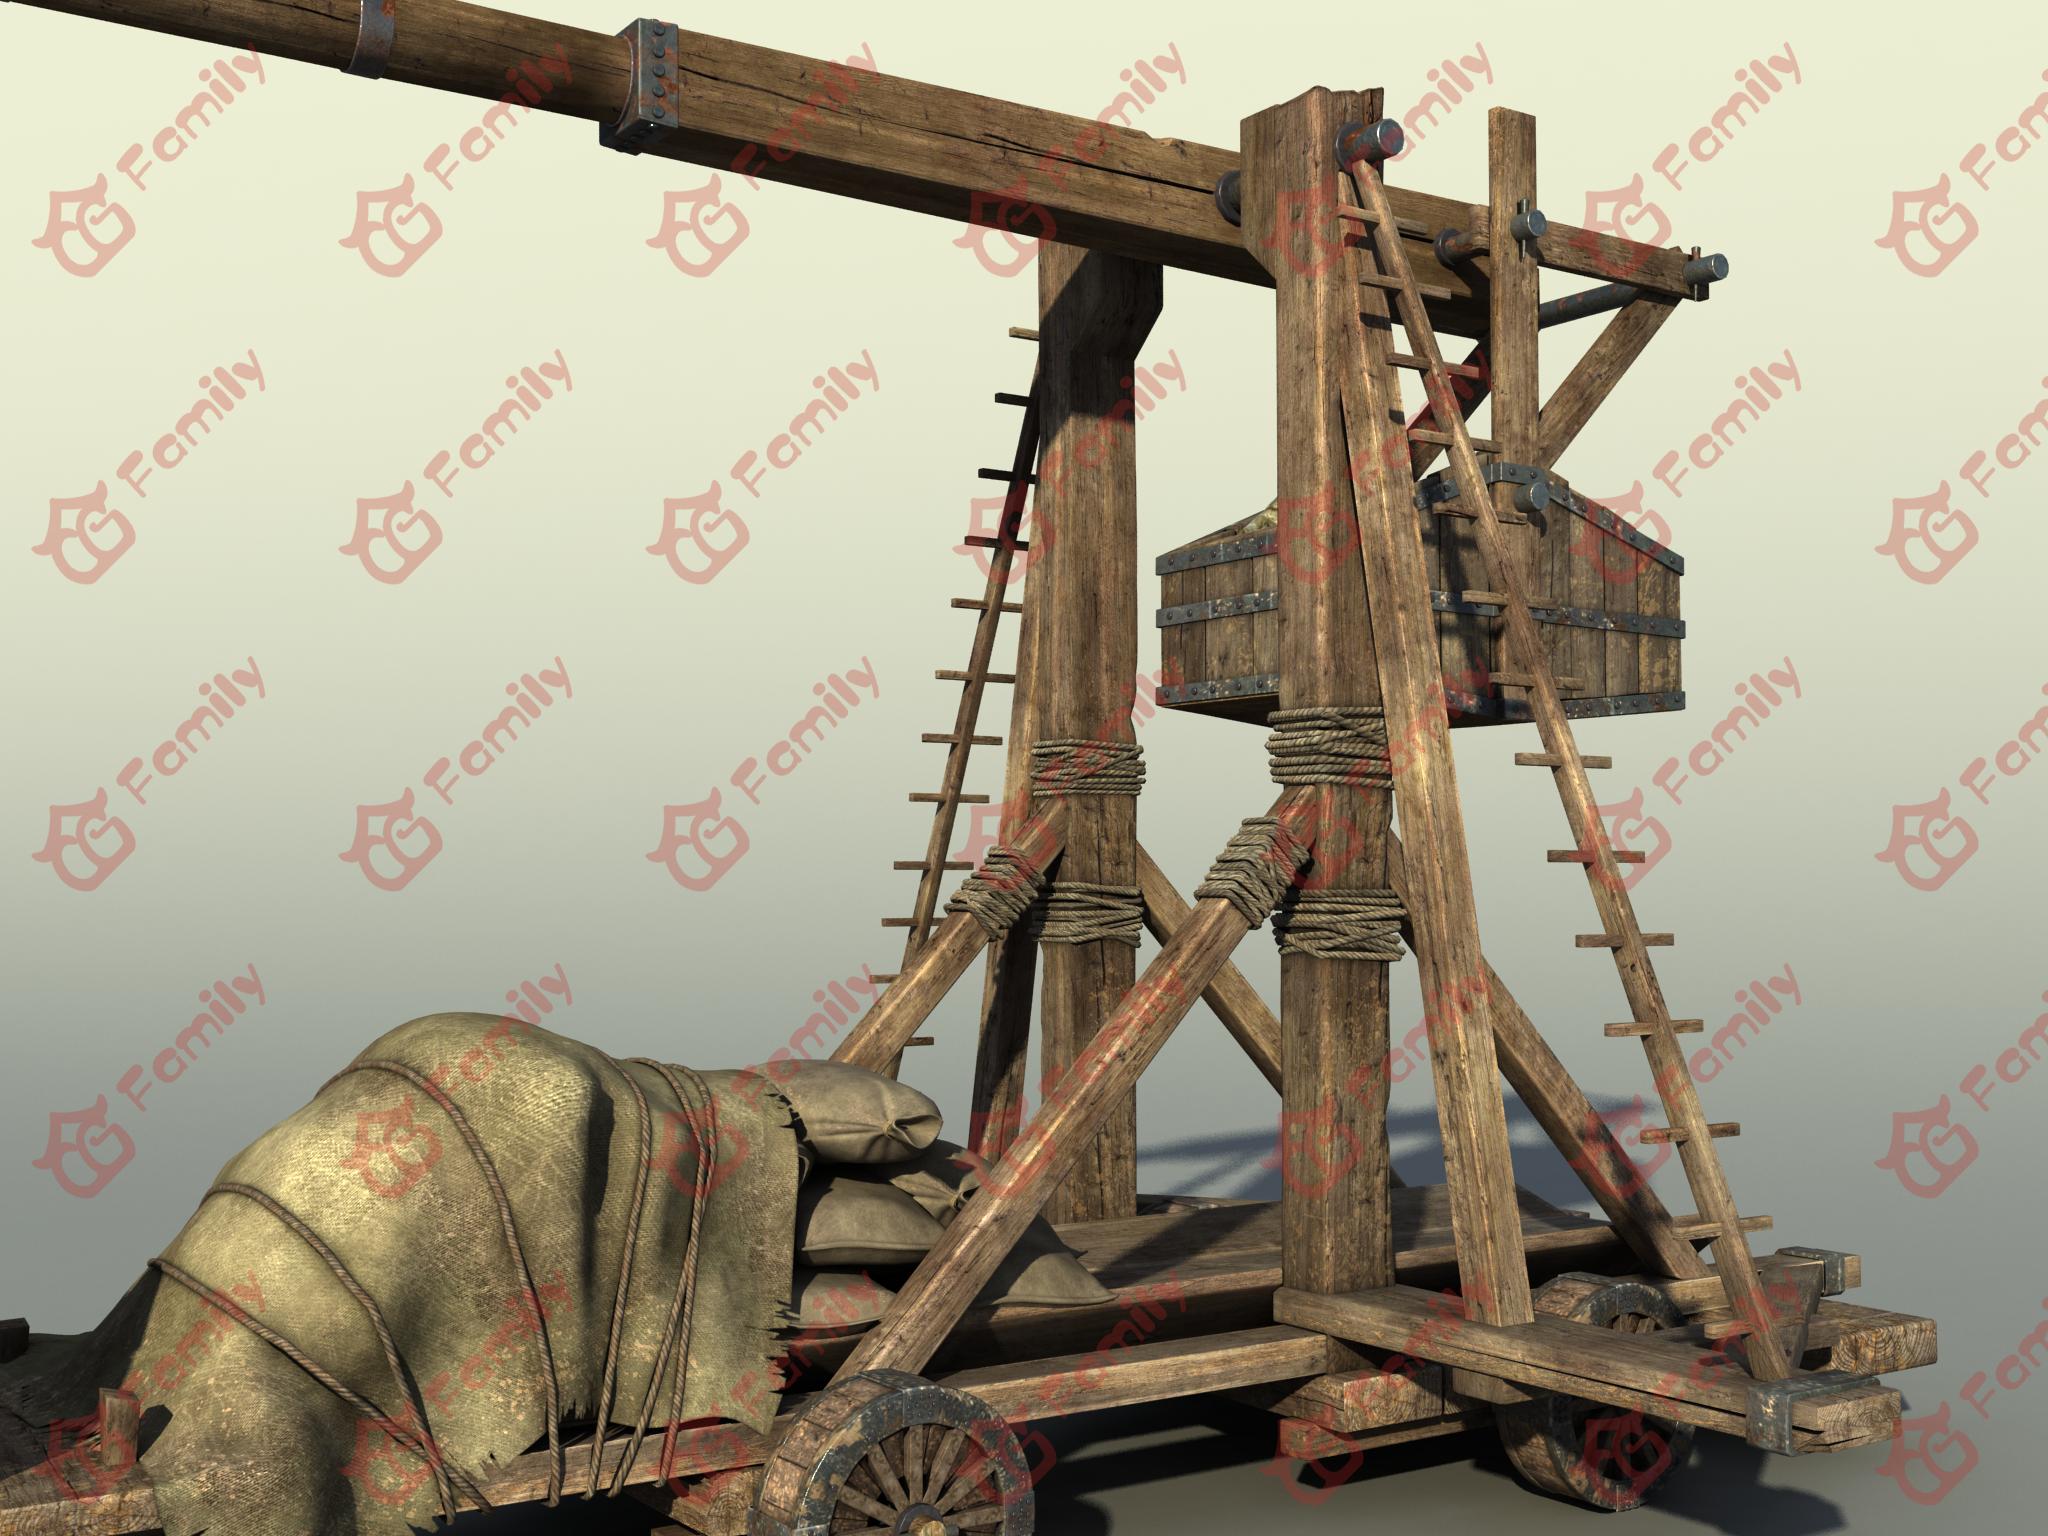 PBR次世代 投石车 投石器 攻城车 攻城器械 古代战车 战争机器 攻打城池 场景素材